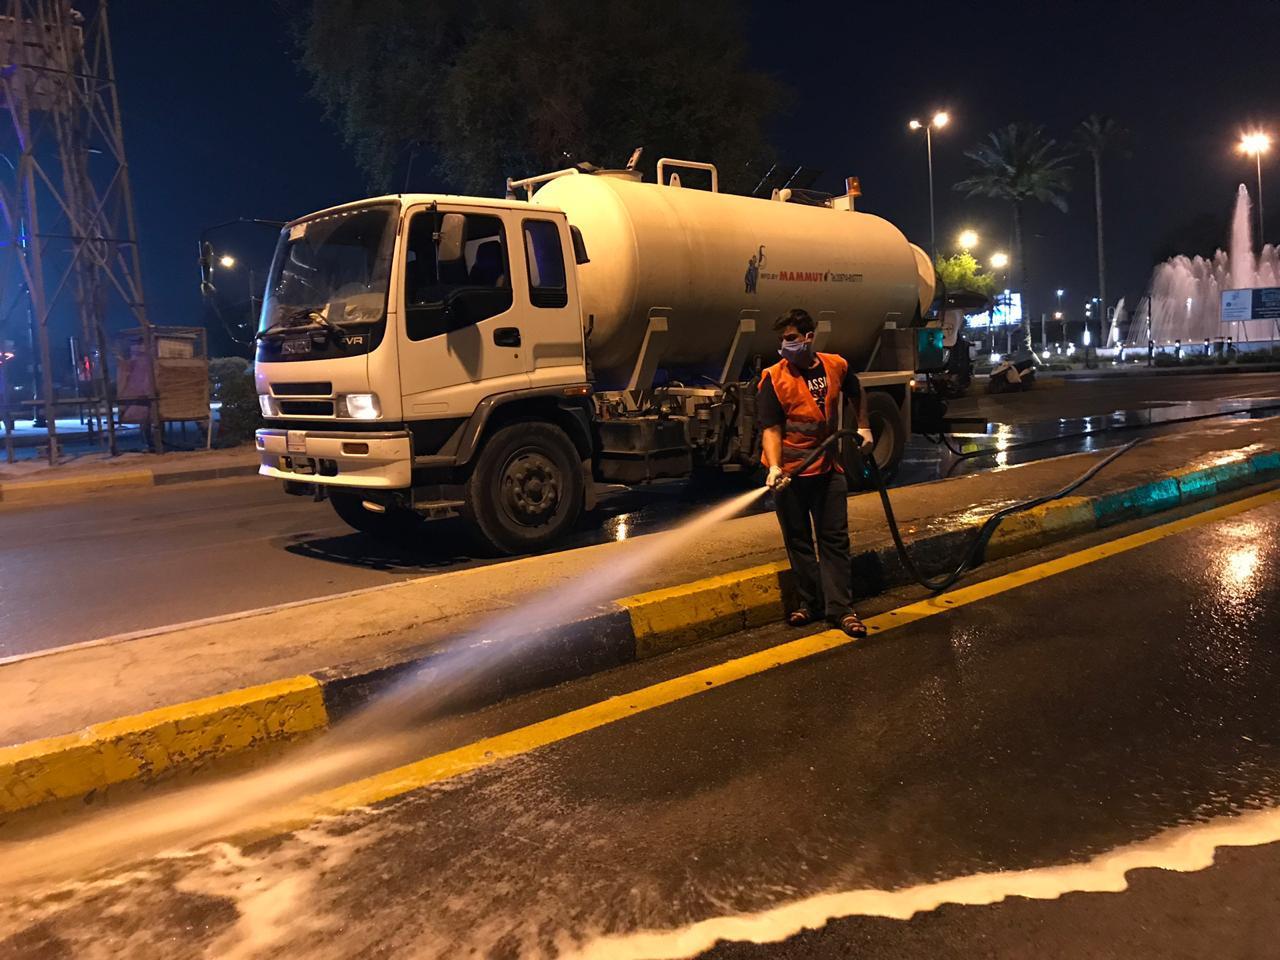 امانة بغداد: تعاون المواطن مهم في تقديم الخدمات